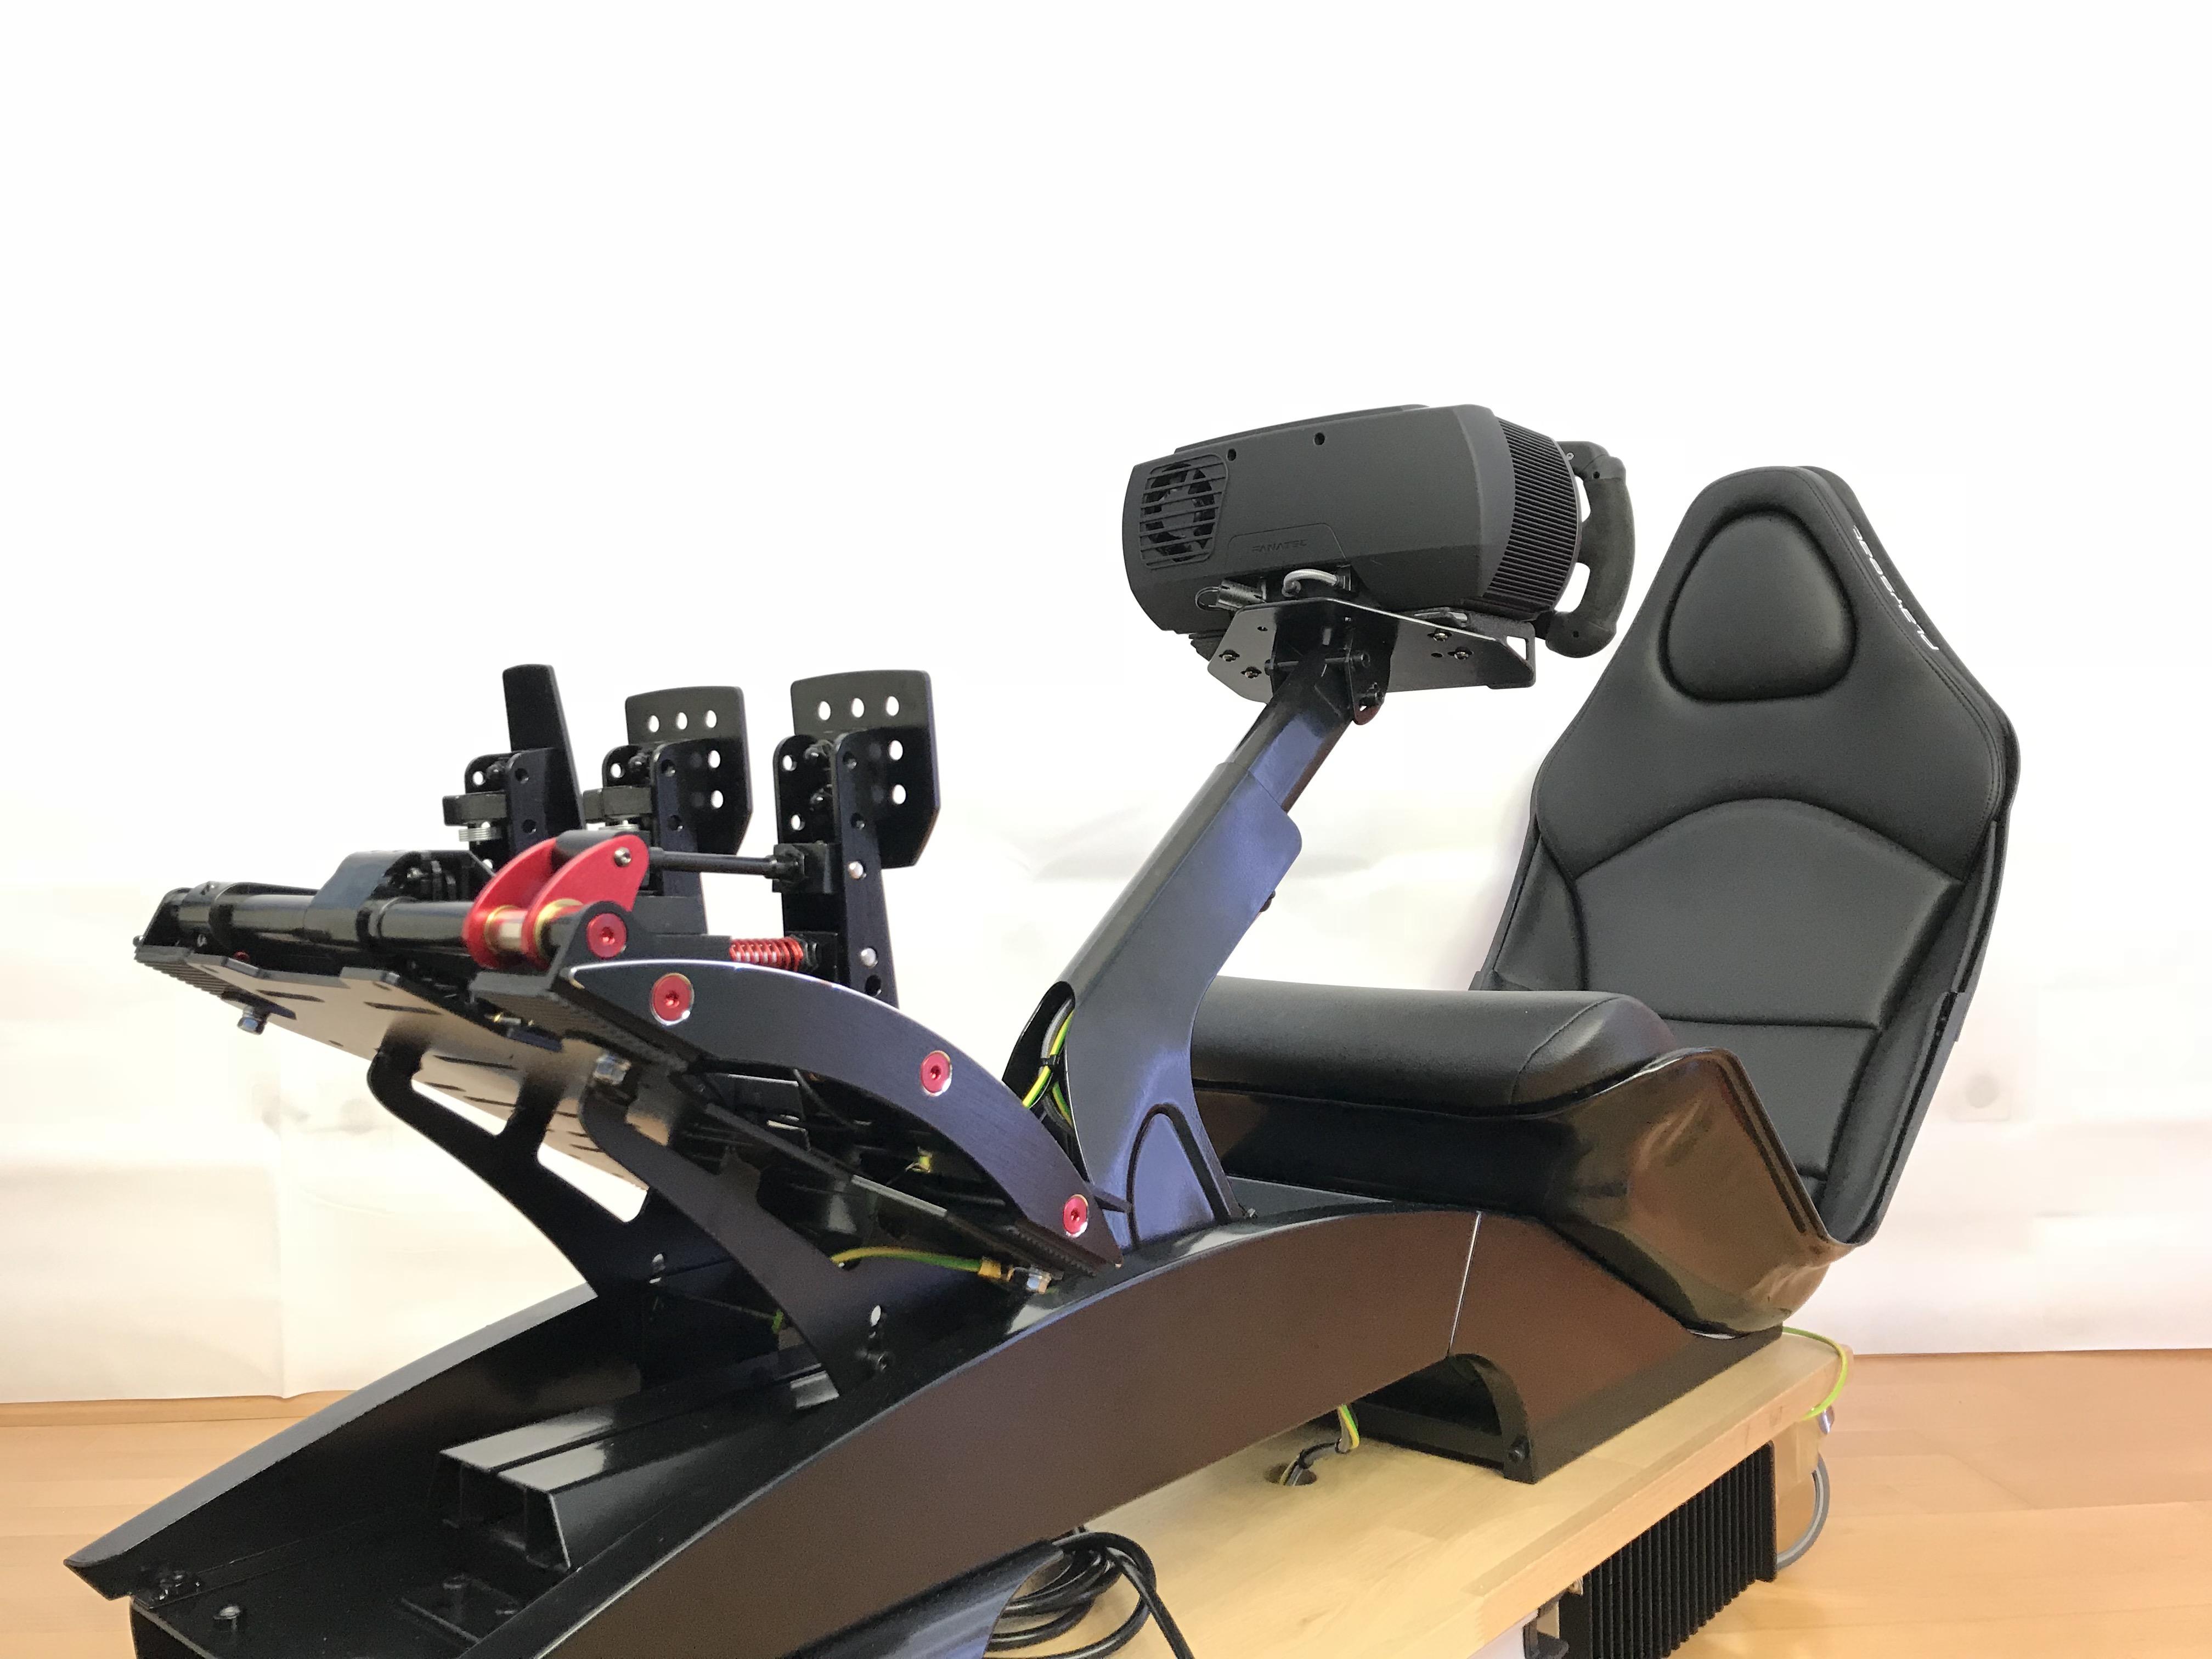 Vr brille für raceroom : F rennsimulator tag oculus rift vr mit auf und abbau